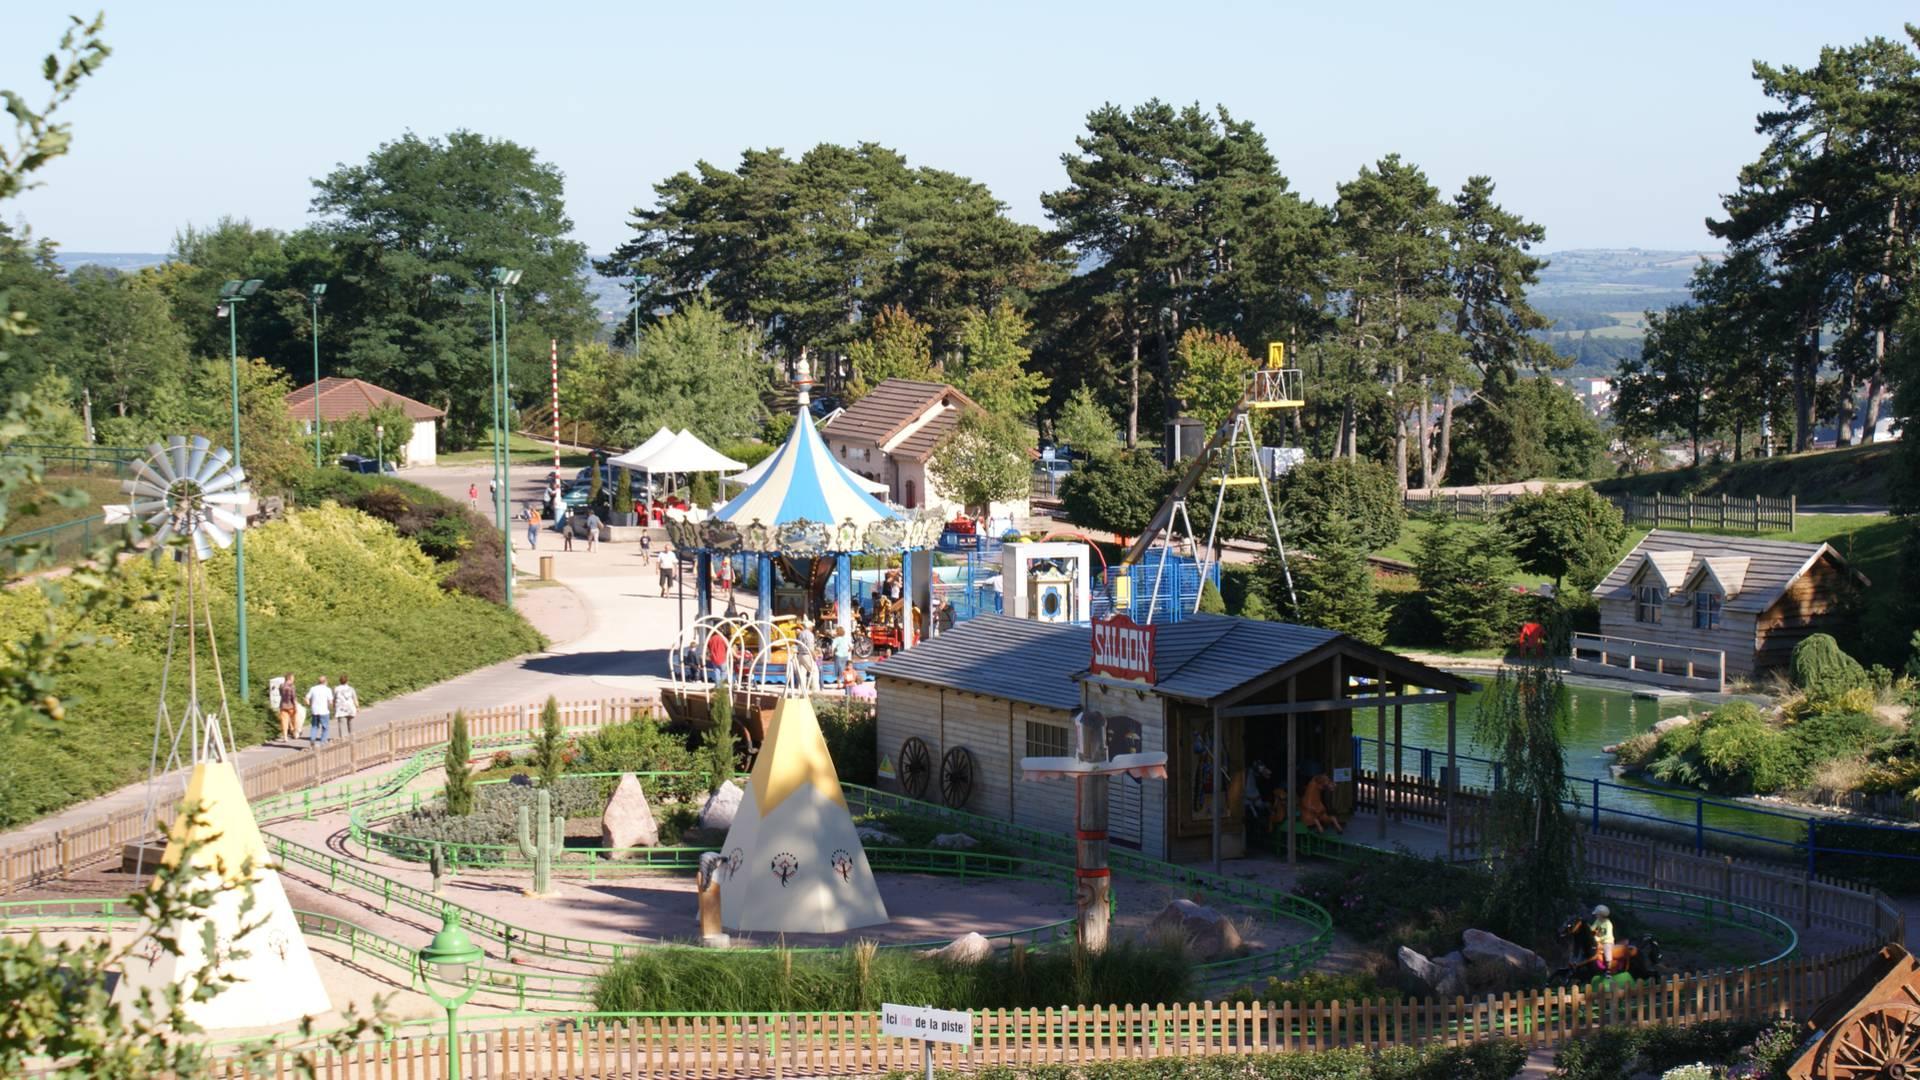 Vue générale du Parc des Combes, Le Creusot. © Parc des Combes.